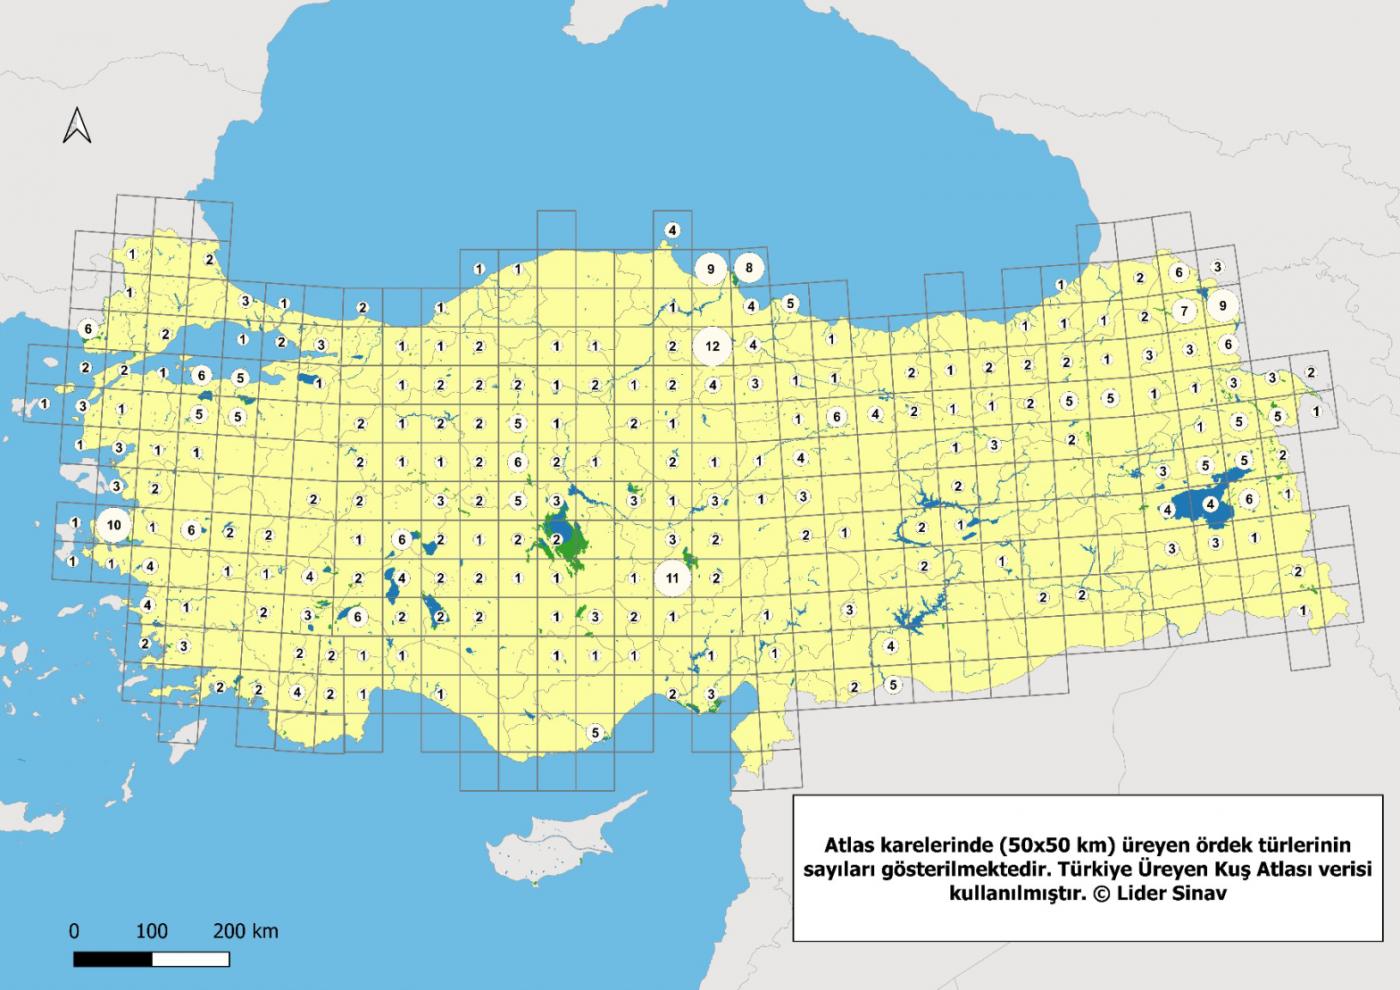 Türkiye'de Üreyen Ördek Türlerinin Dağılımı